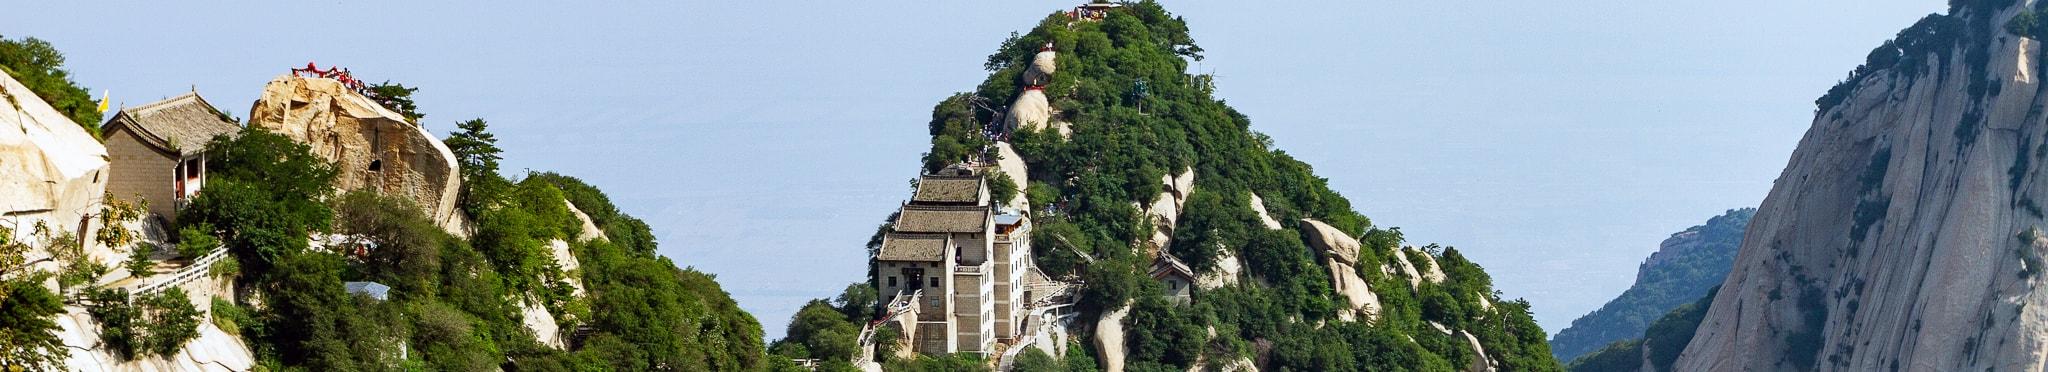 Священная гора Хуашань <br> Пекин — Сиань — горы Хуашань — Пекин